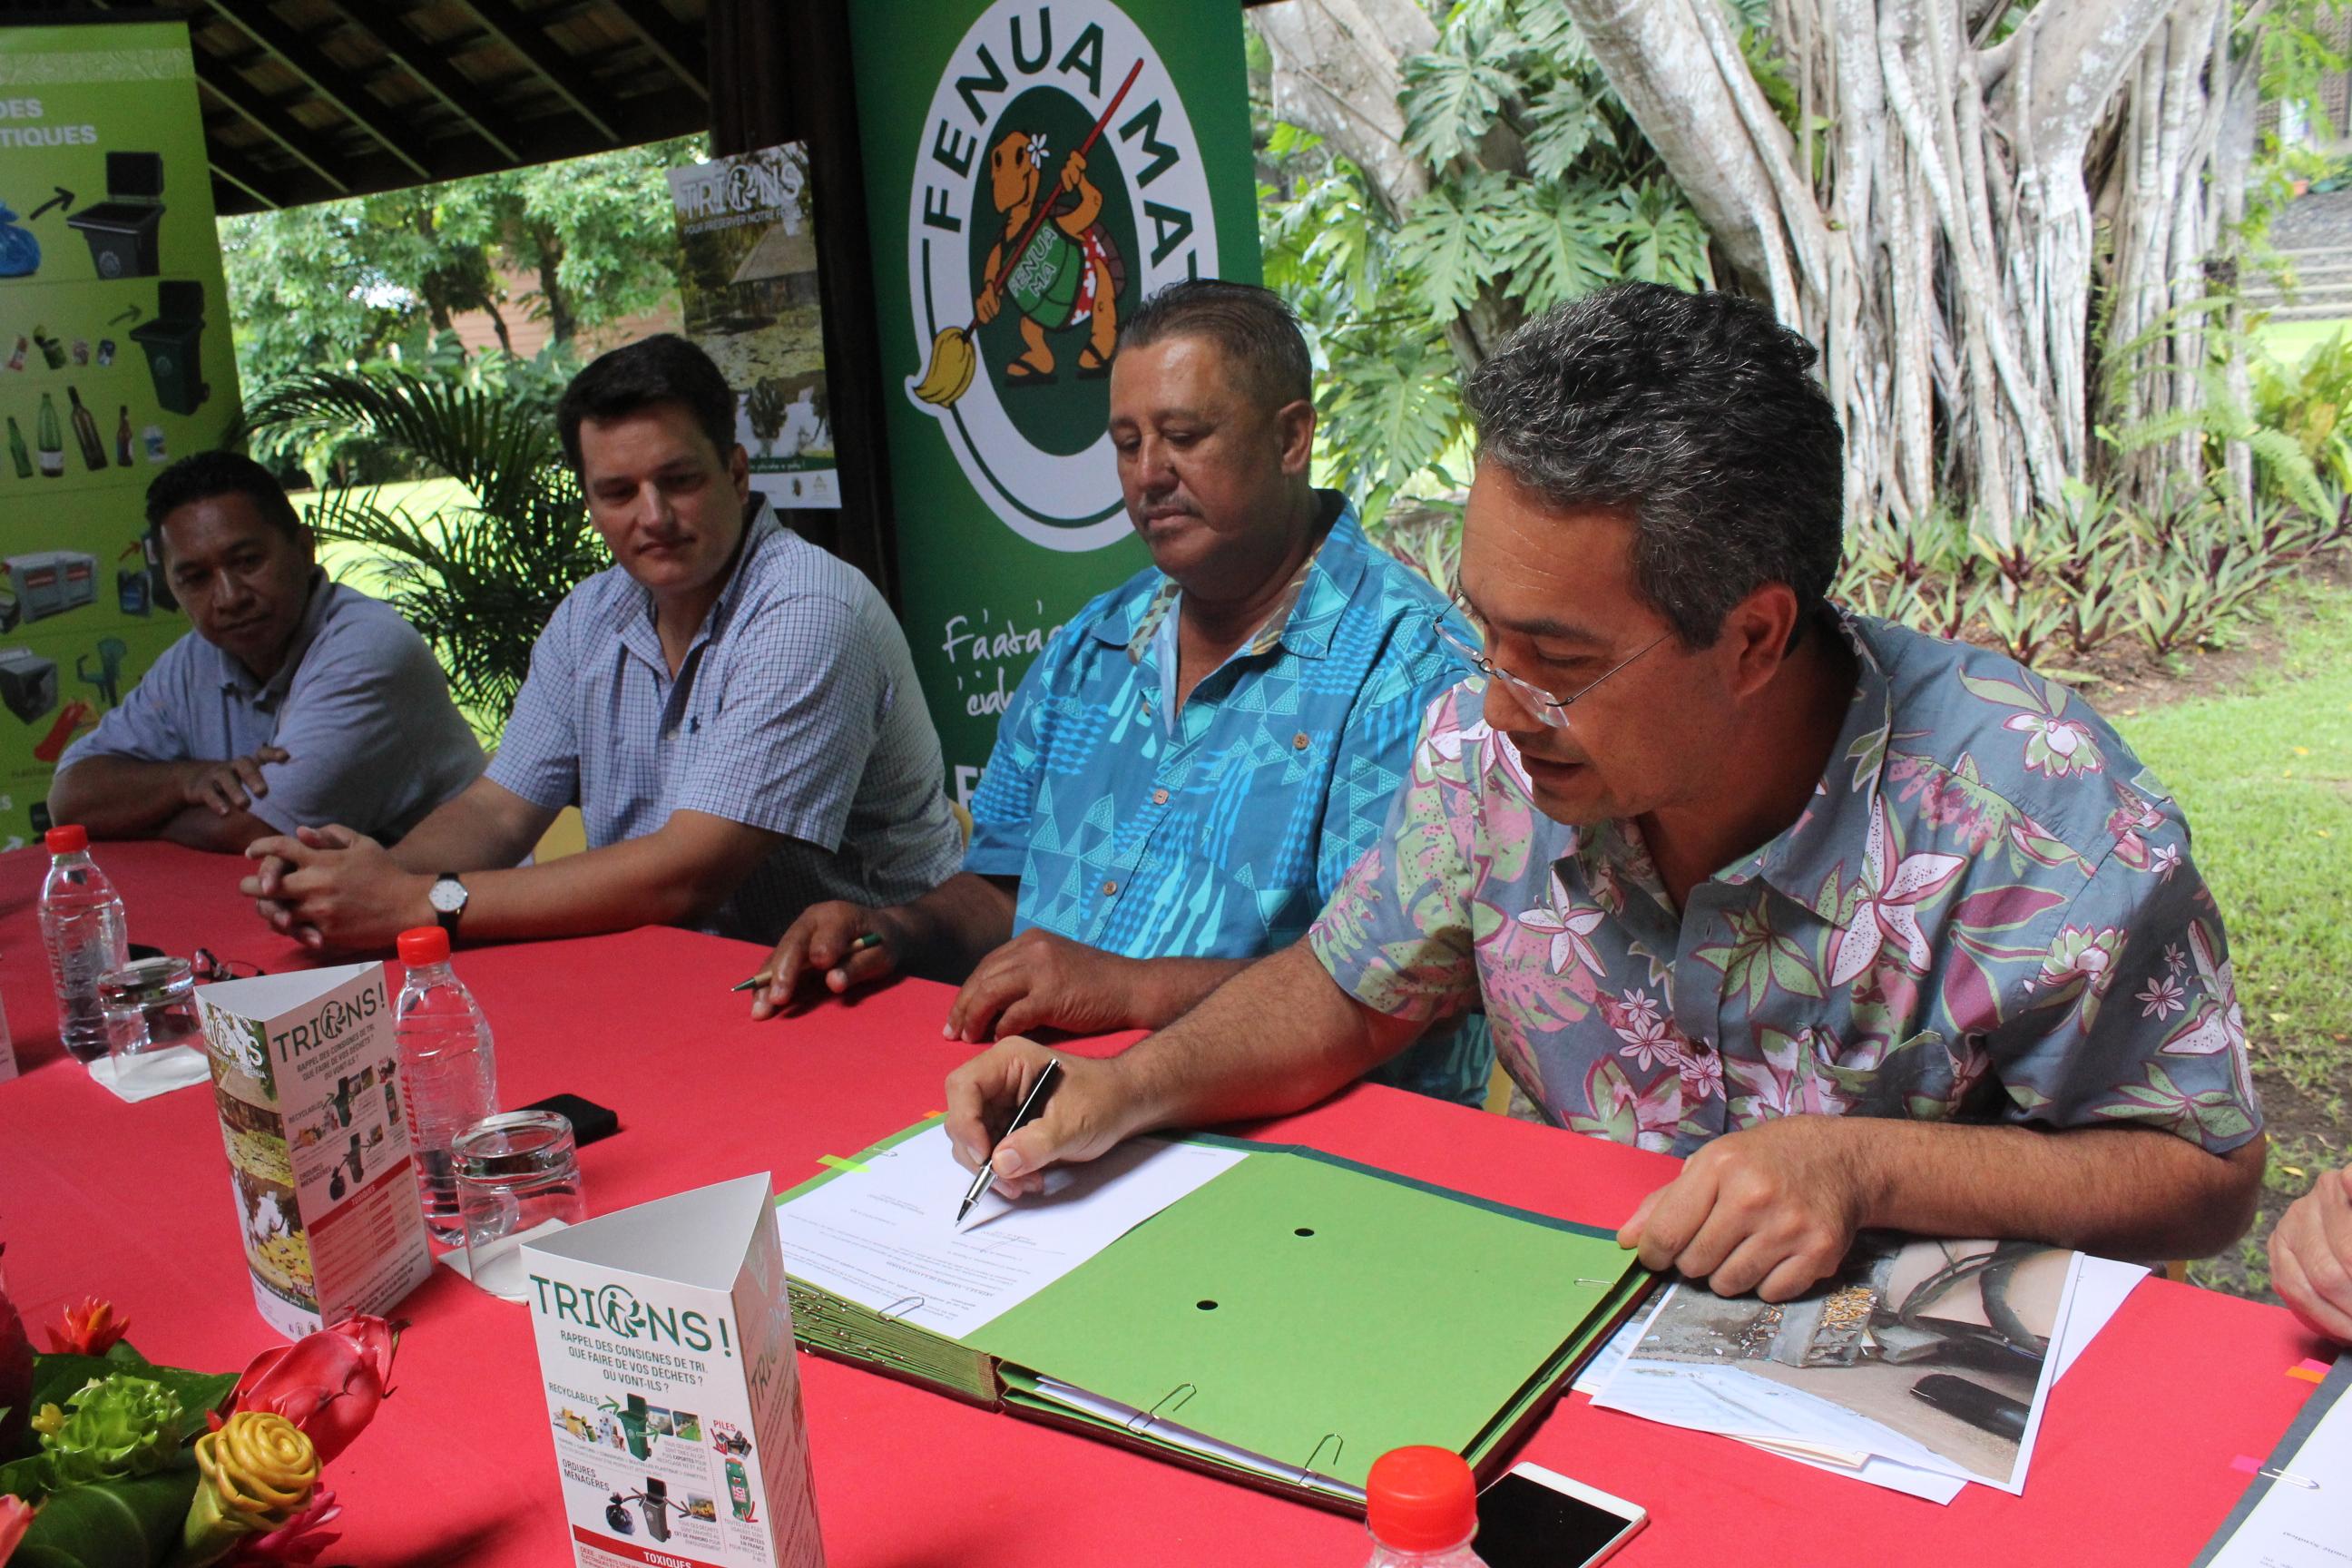 Le tout nouveau président du conseil syndical Fenua Ma, Dauphin Domingo, a signé une convention avec le président de l'assemblée, Marcel Tuihani.